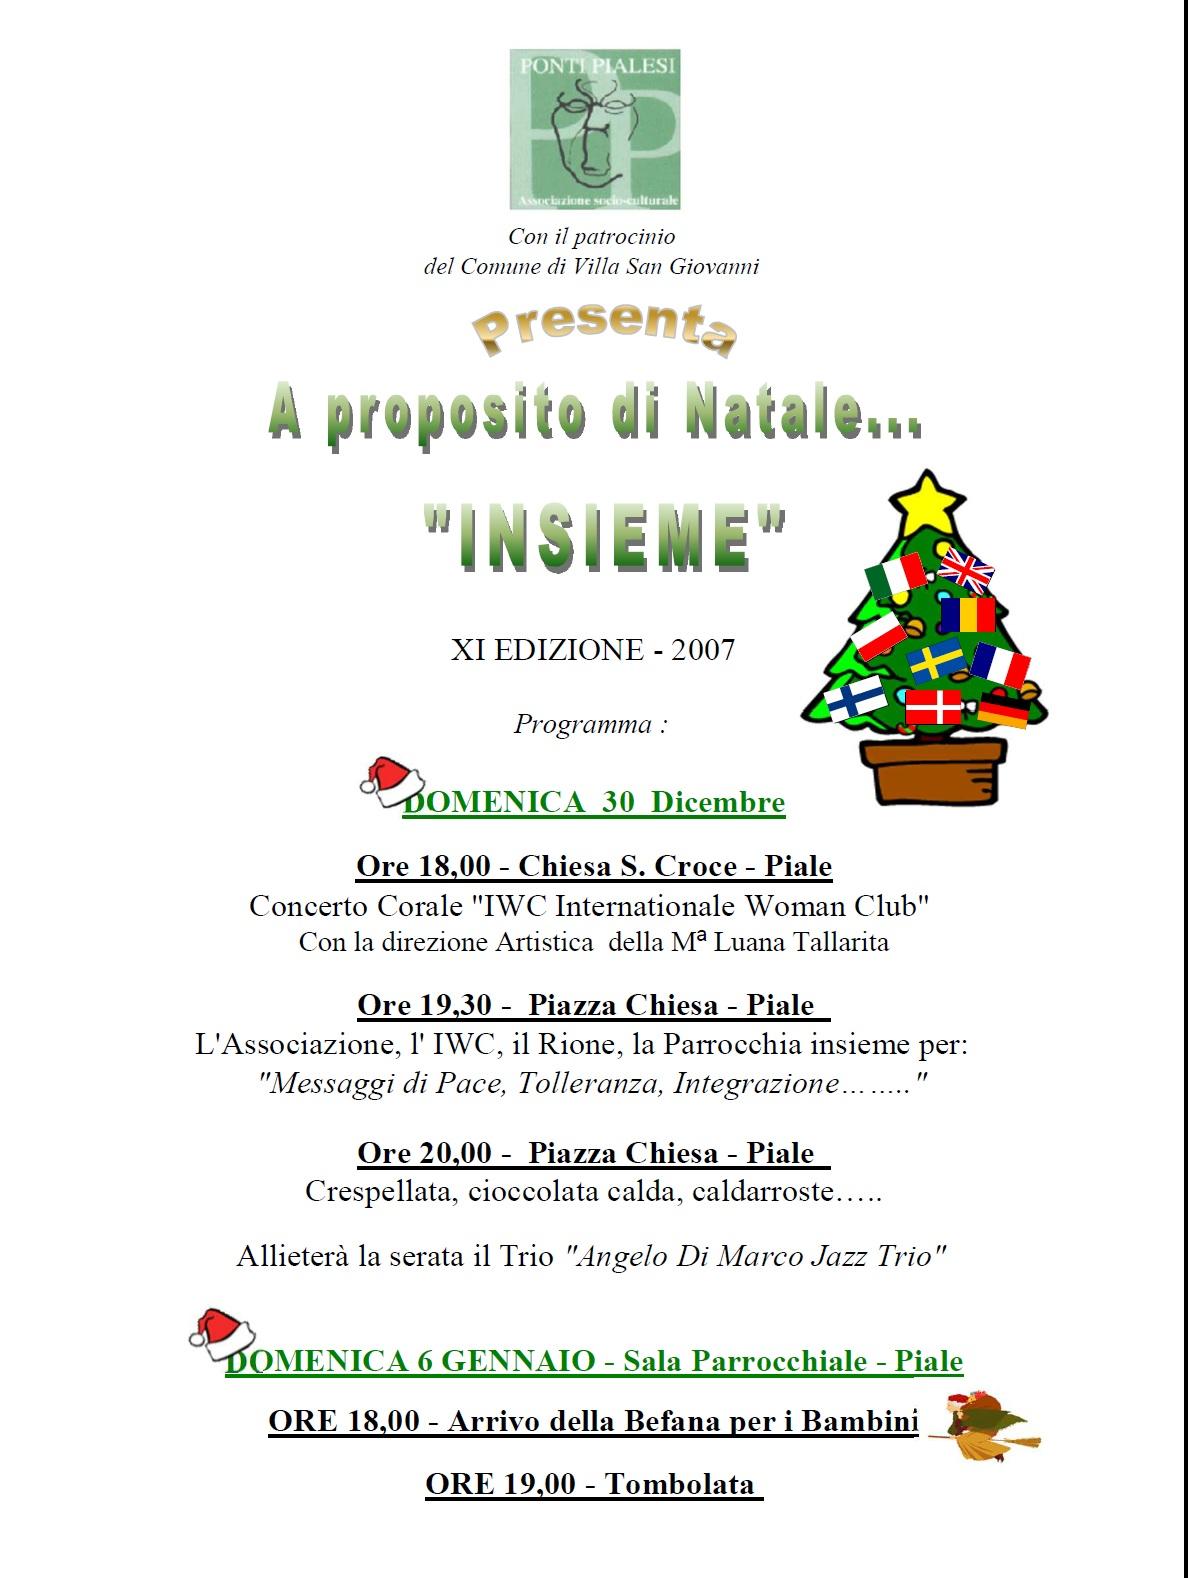 locandina A Proposito di... Natale  2007